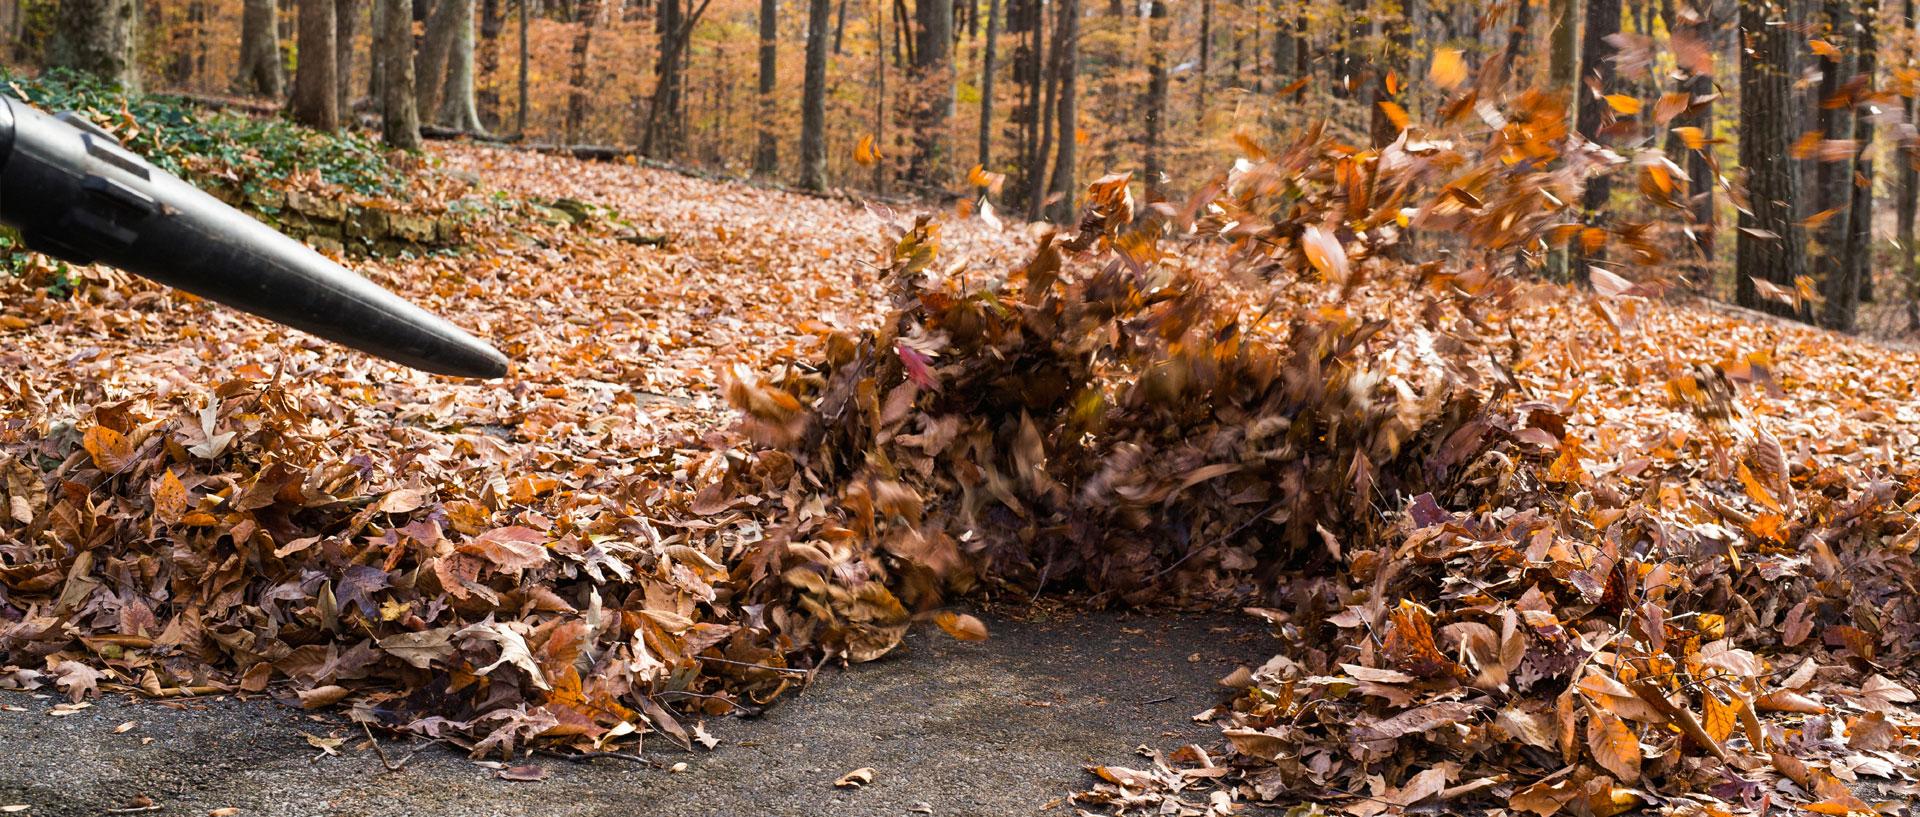 Spring Cleanup Amp Fall Cleanup Brooks Tilley Medicine